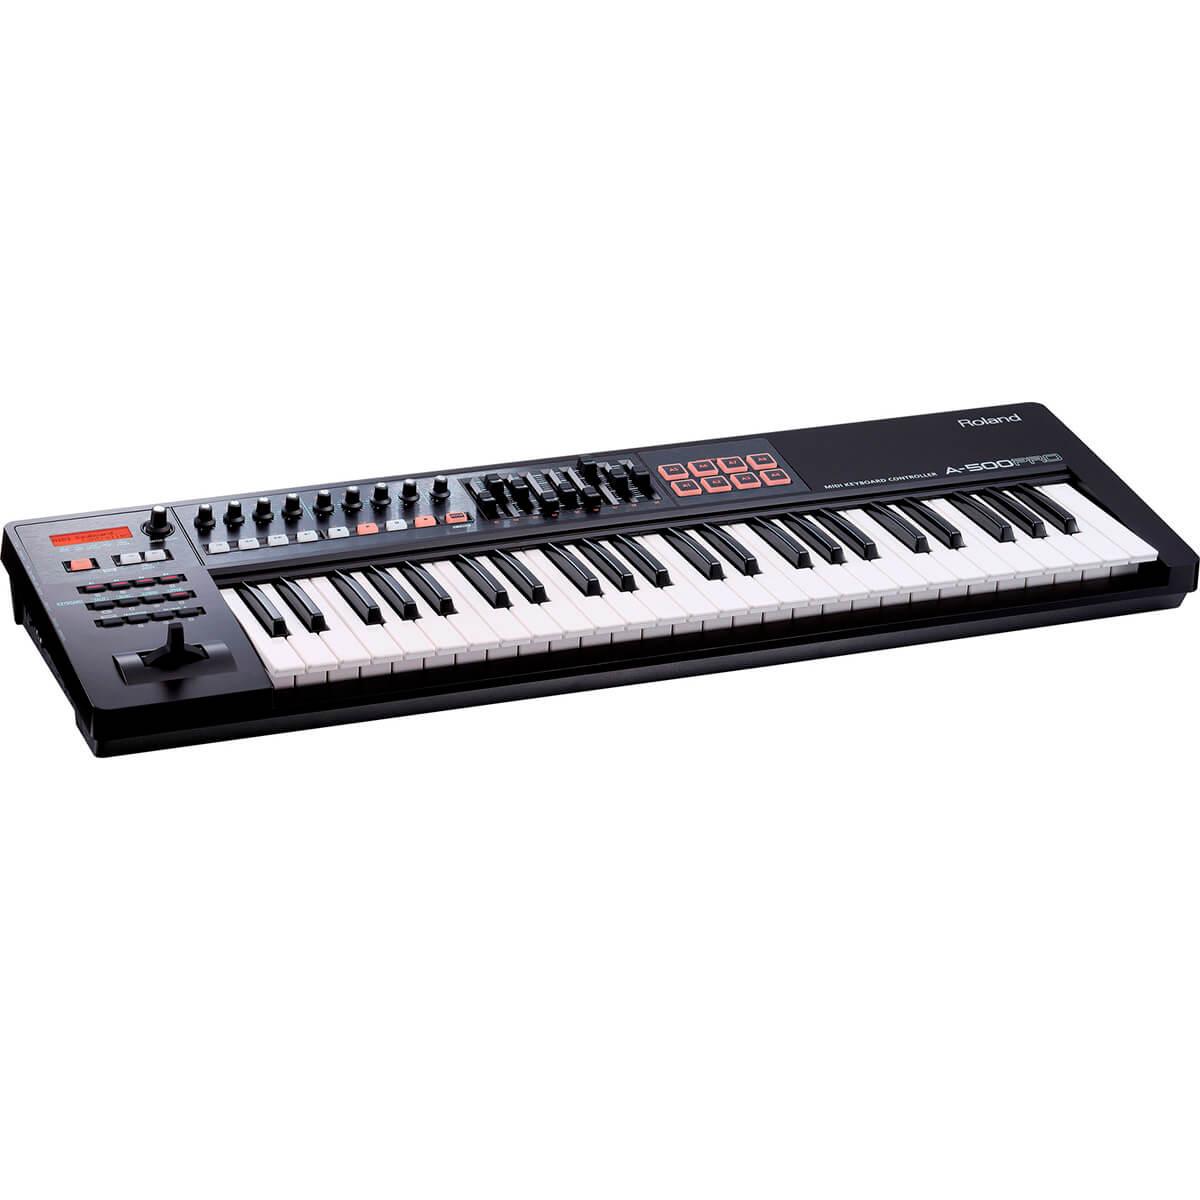 Teclado Controlador Roland A-800 PRO 61 MIDI/USB